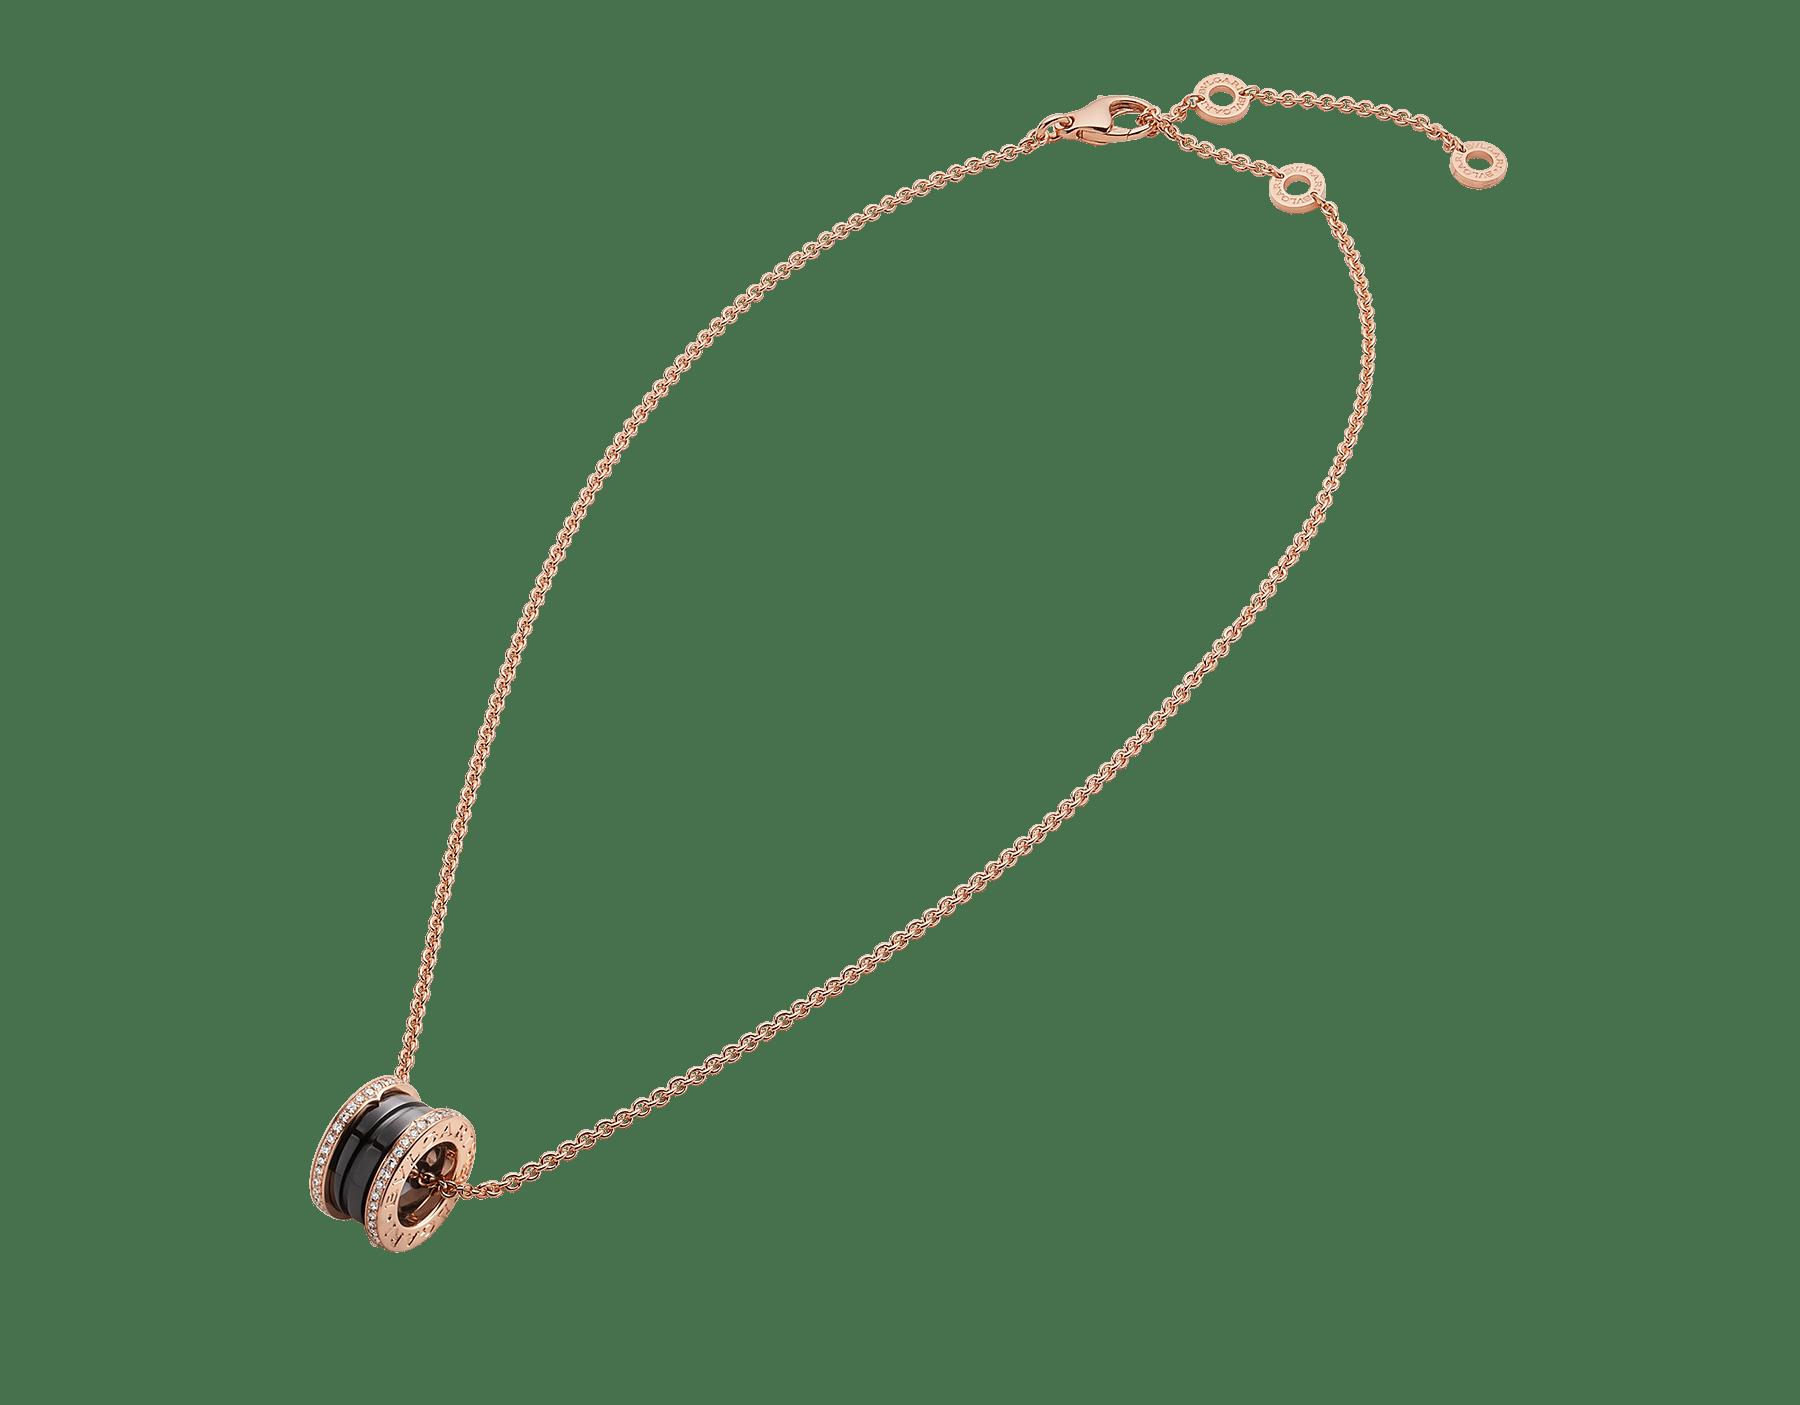 يجمع عقد بي.زيرو1 بين التصميم المتميز والأناقة العصرية من خلال سلسلة من الذهب الوردي تحيط بقلادة حلزونية مرصعة بالسيراميك الأسود والألماس المرصوف. 350056 image 2